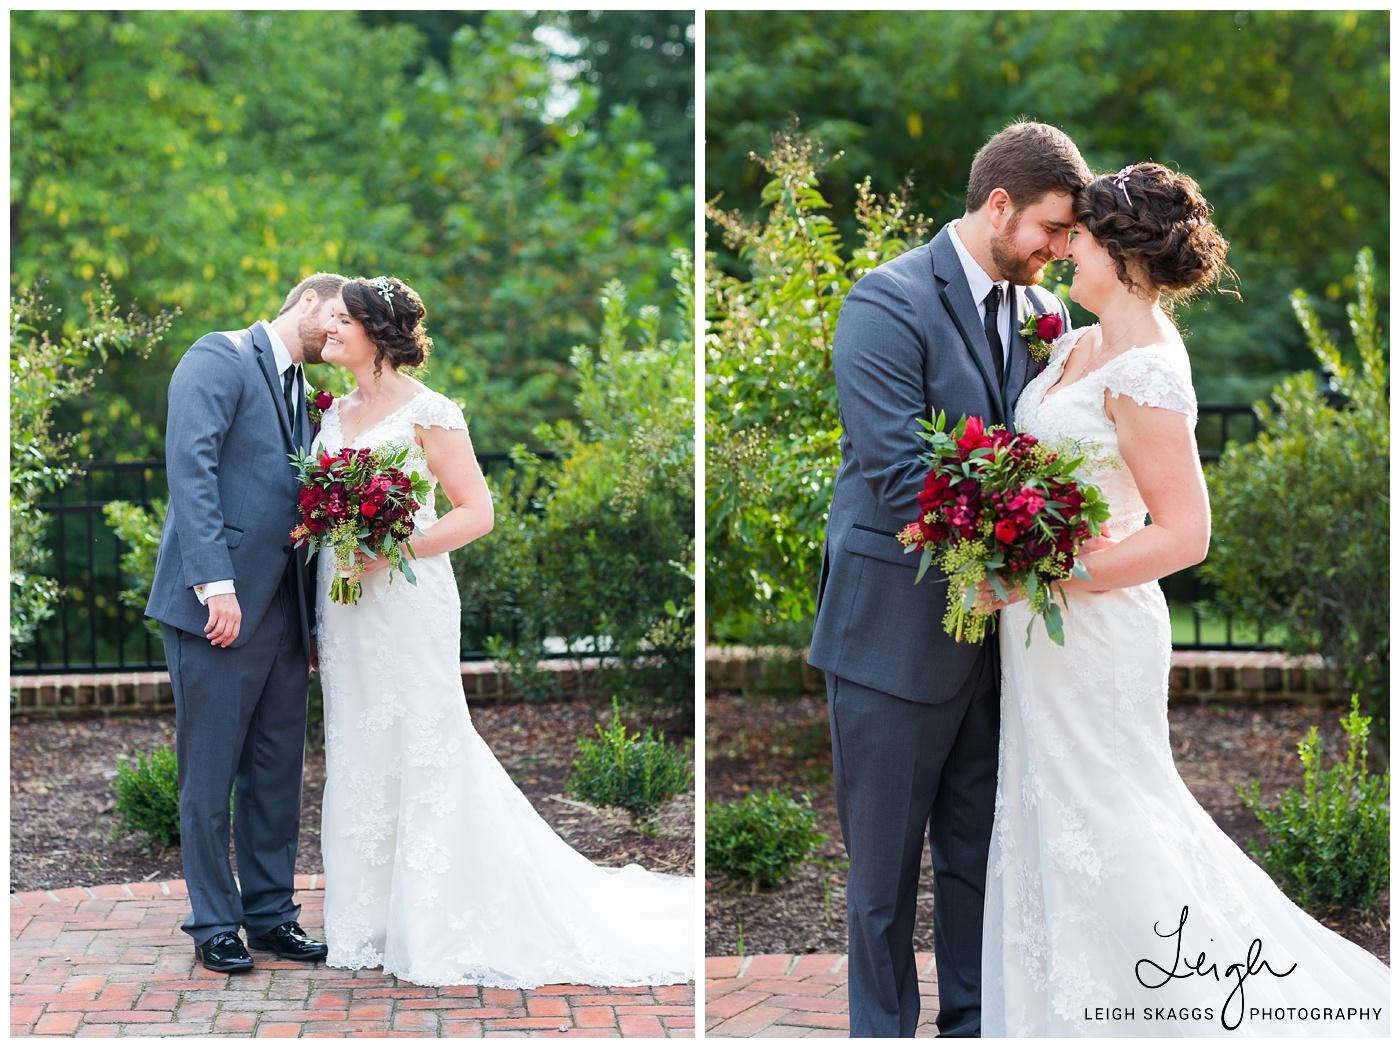 Caitlin & Eric | Hanover Tavern Wedding